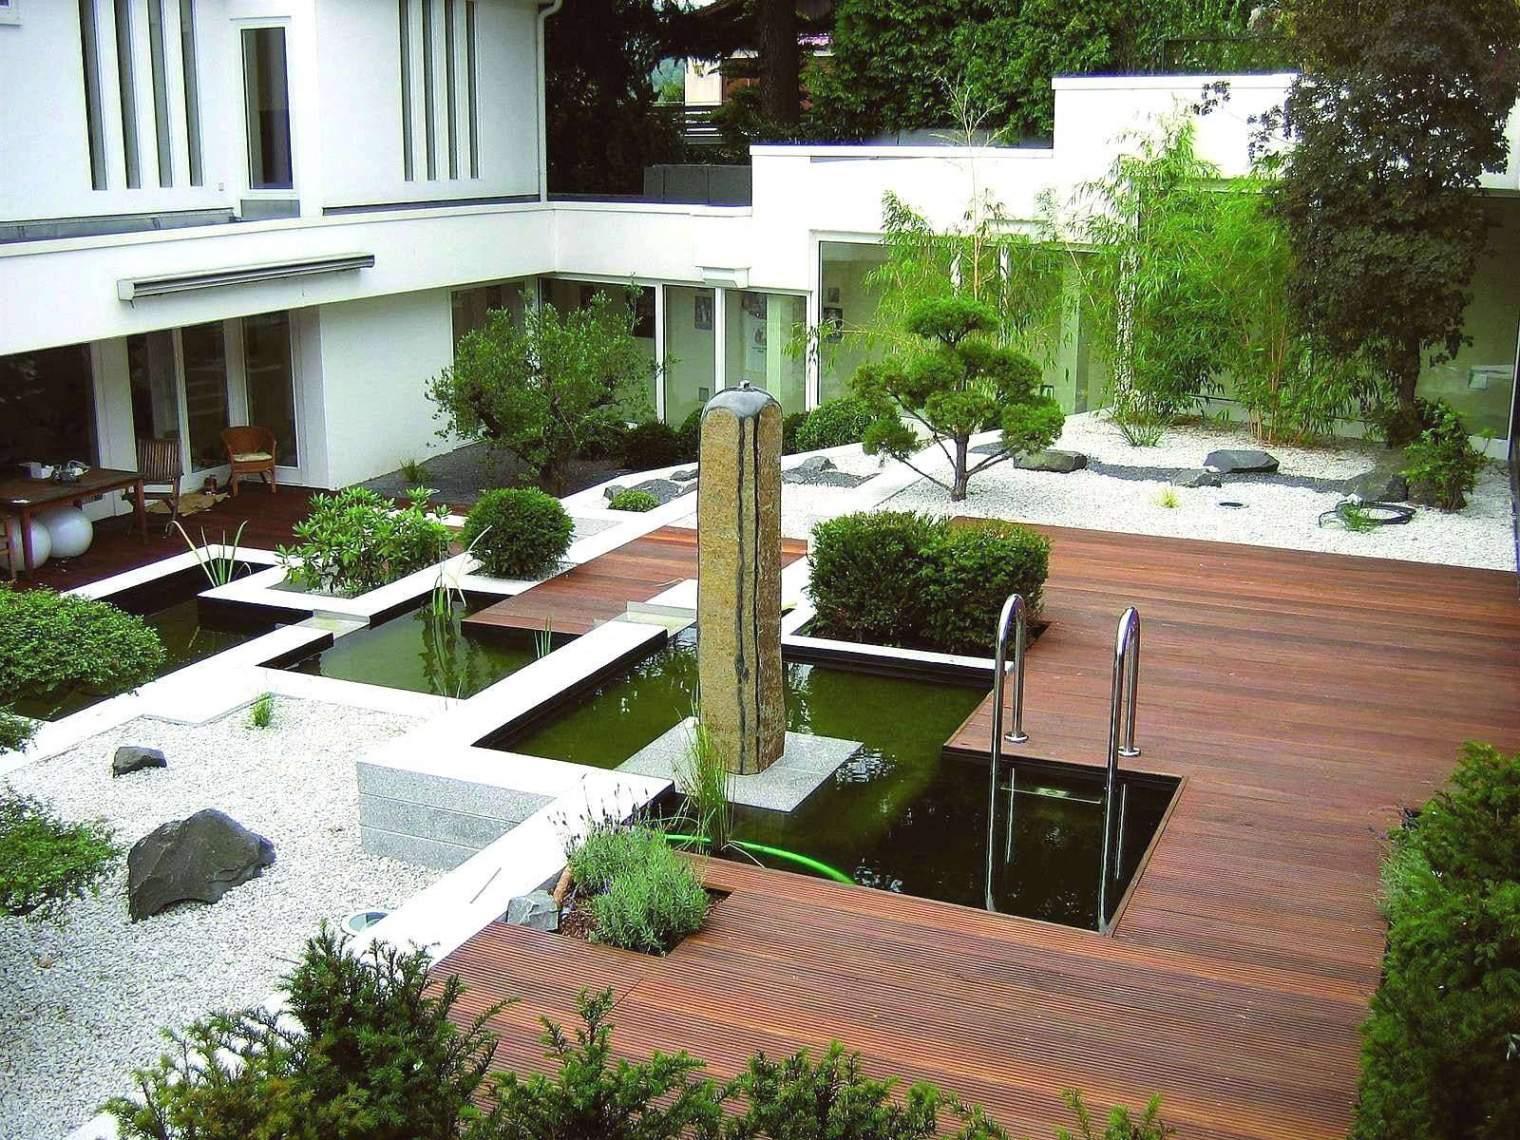 42 das beste von sichtschutz fur zaun grun stock gruner sichtschutz im garten gruner sichtschutz im garten